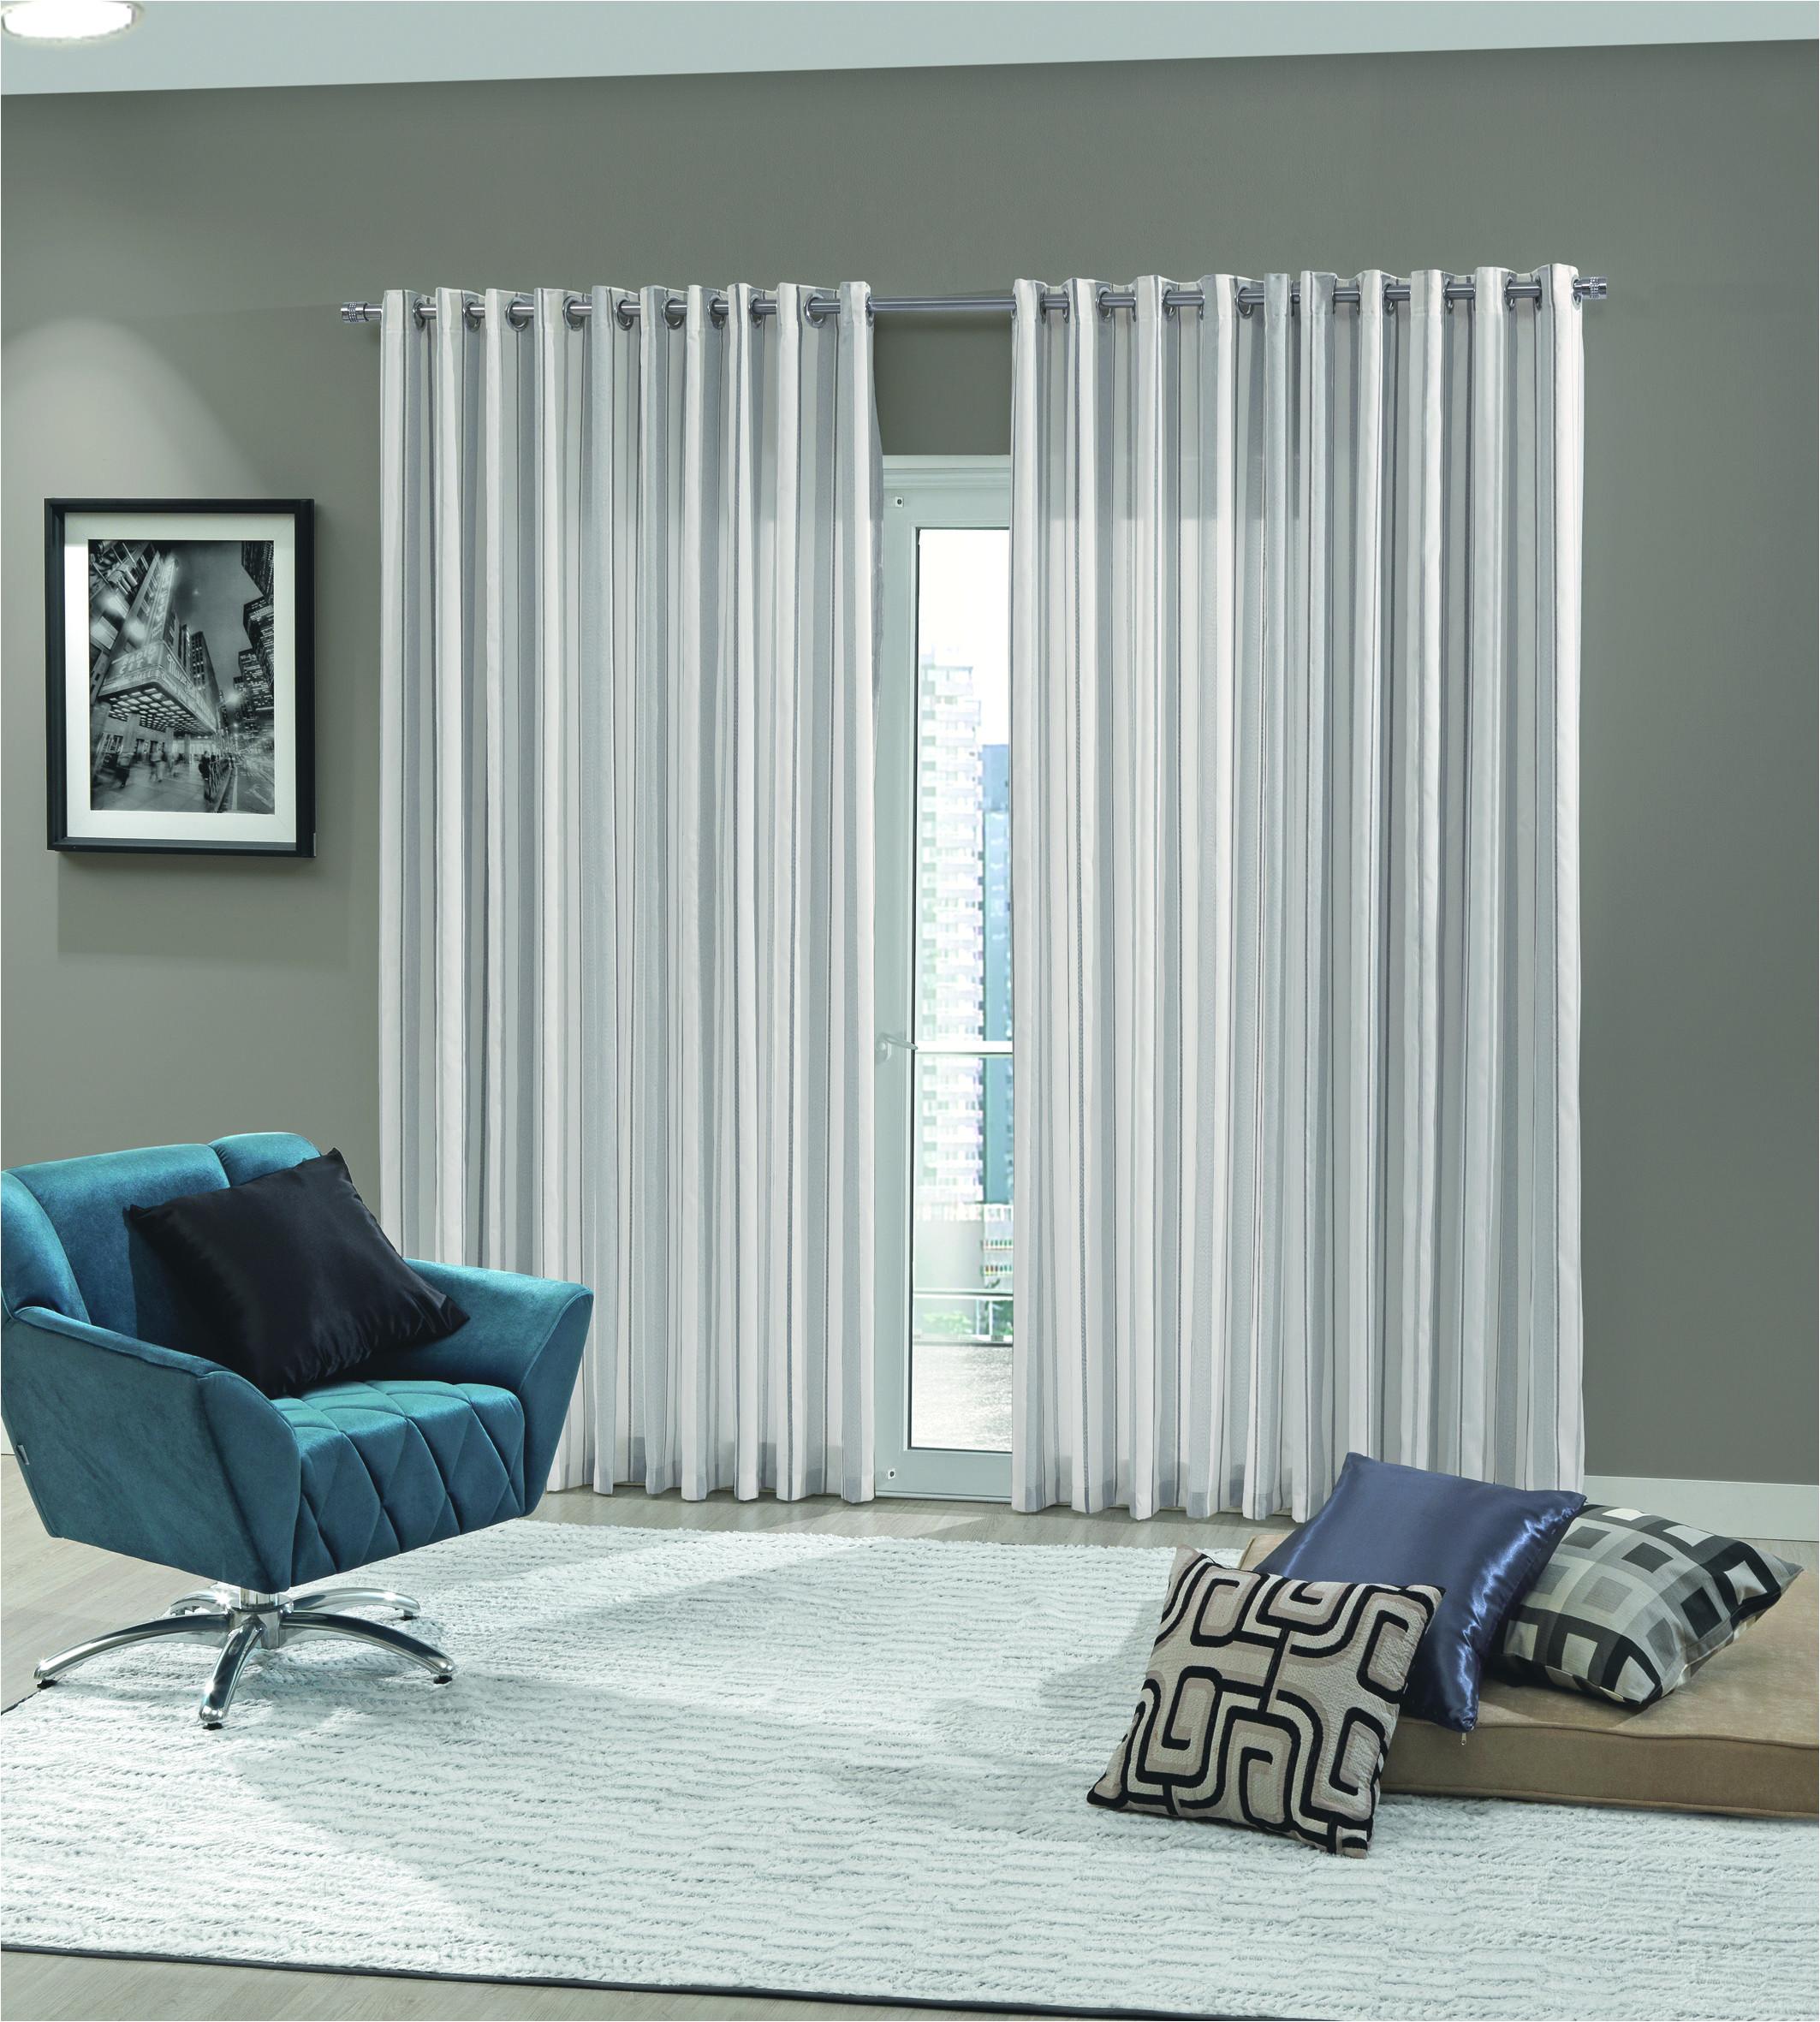 cortinas prontas varaµes de cortina cabeceros tapizados cortinas dormitorio persianas cabeceras